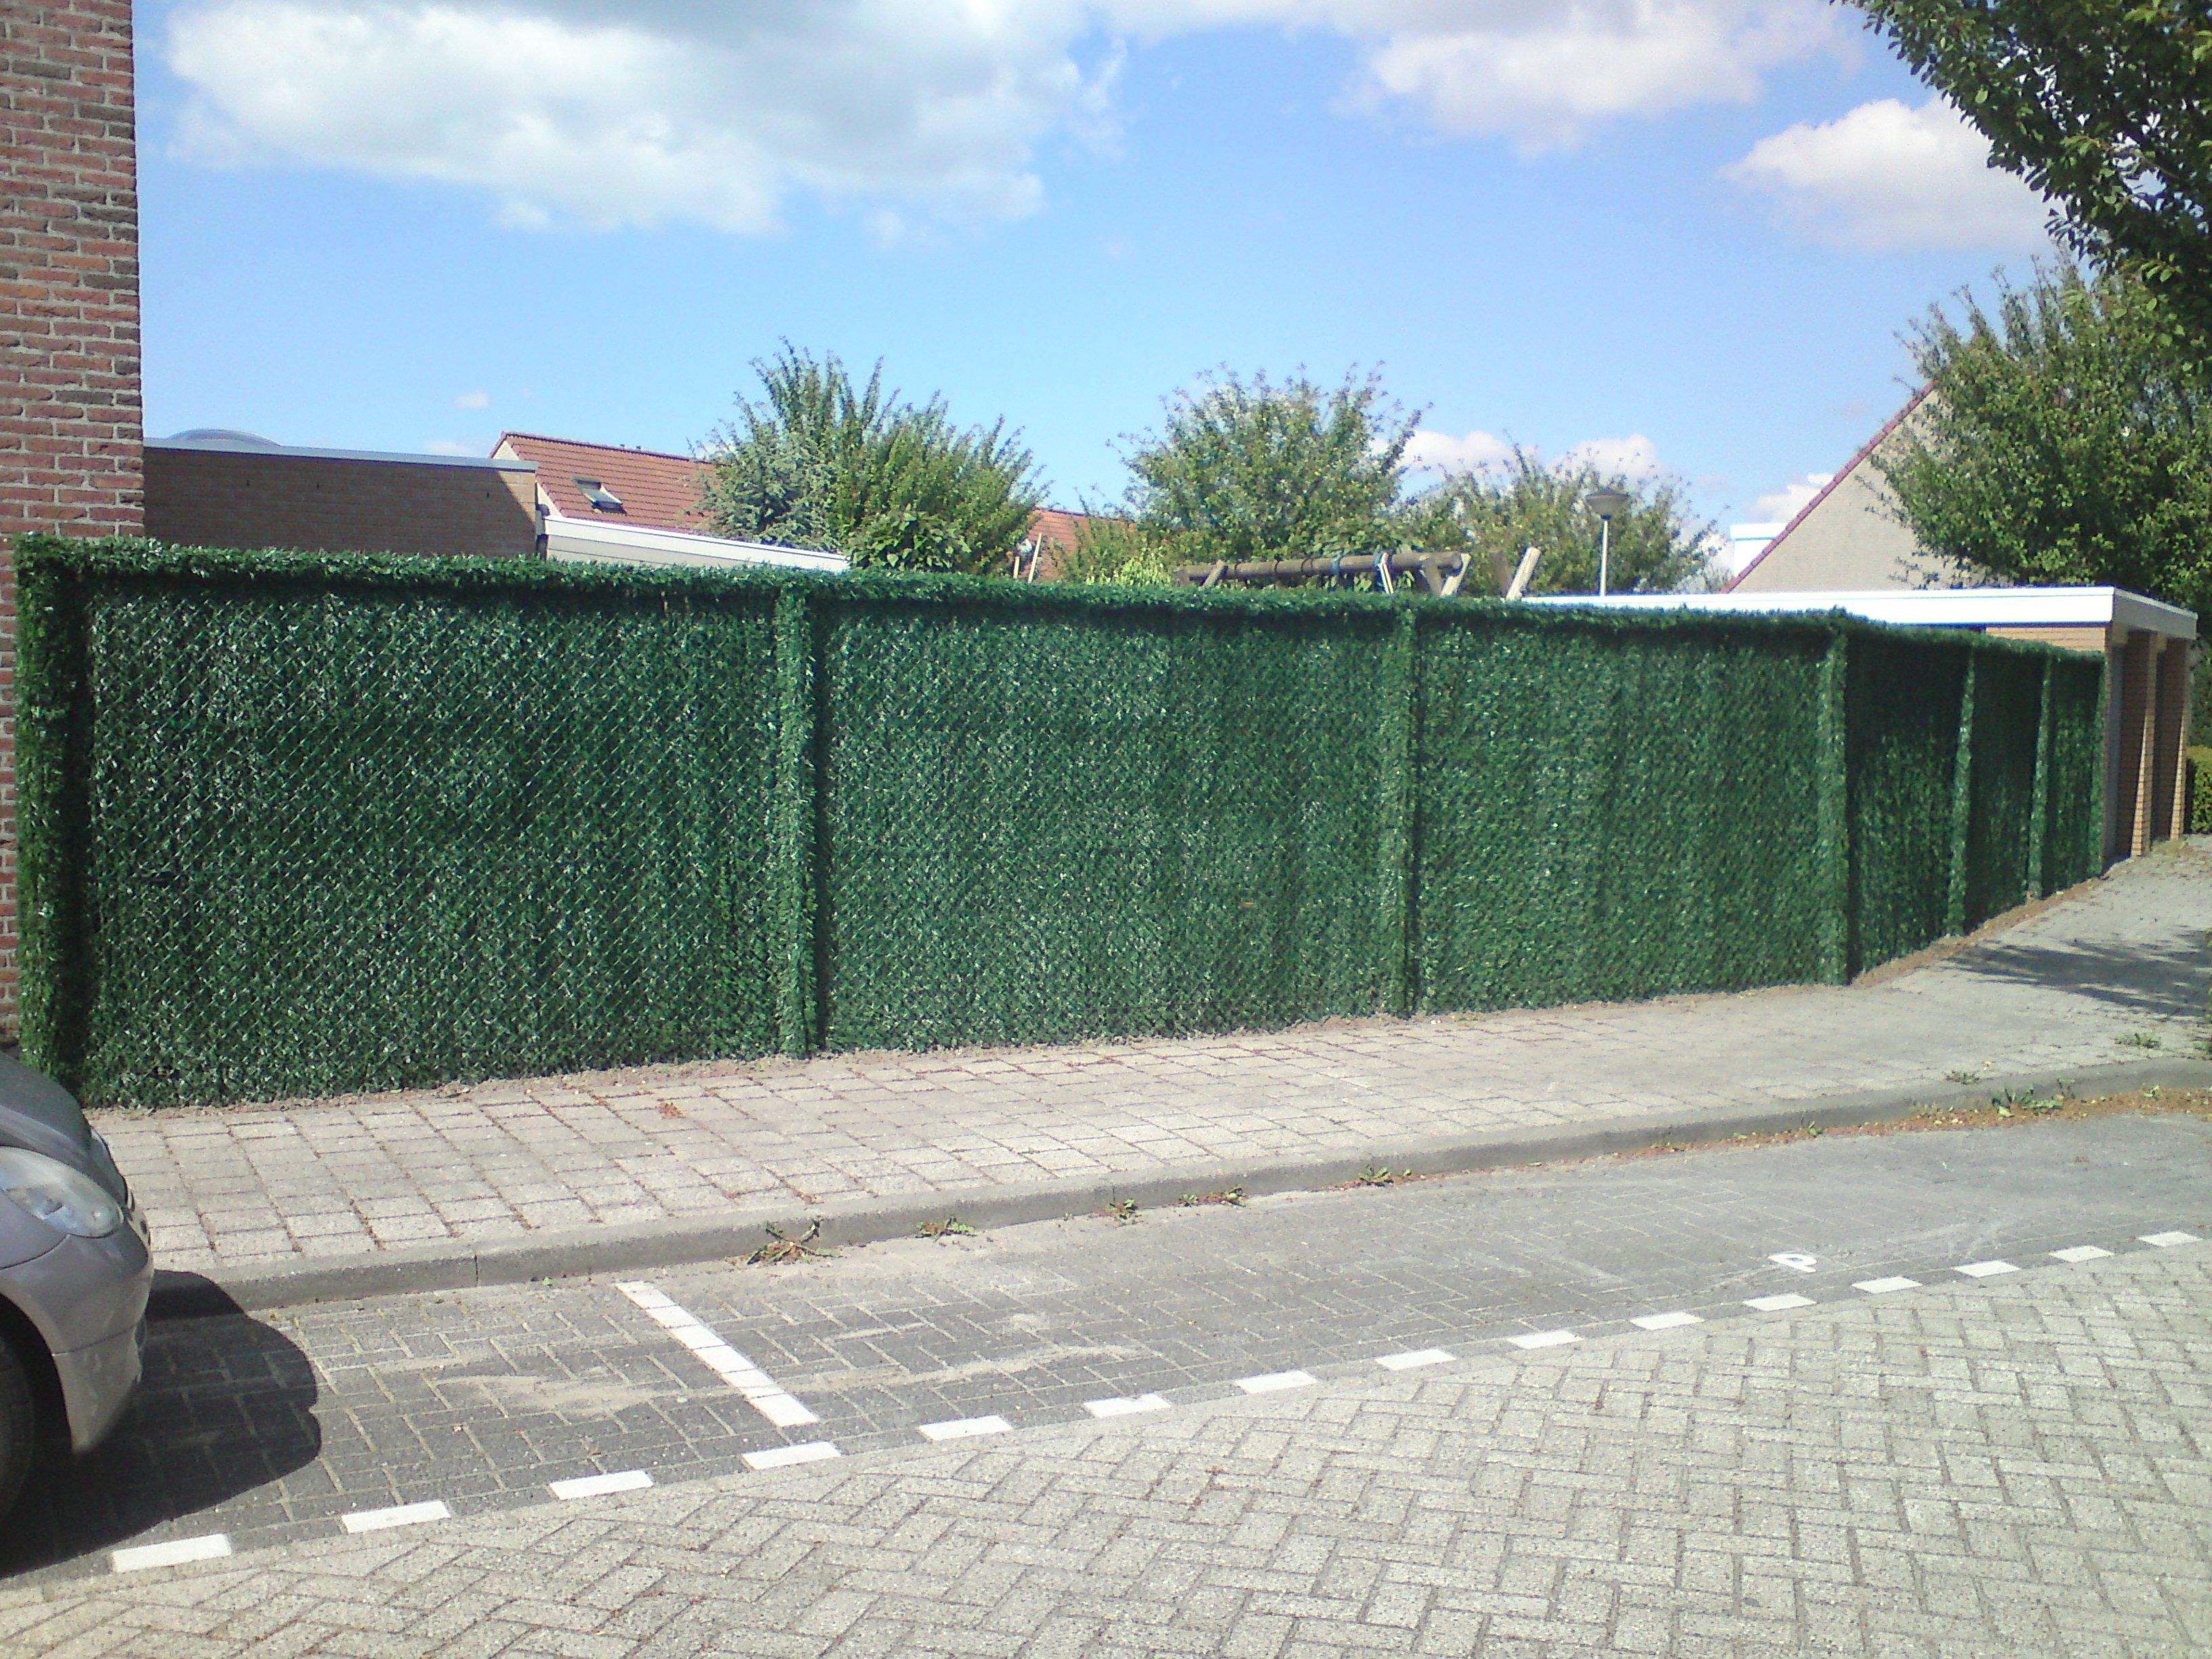 kunsthaag, draadkant, palen bekleed hoek, Safegarden.be, filiaal Antwerpenen filiaal Limburg